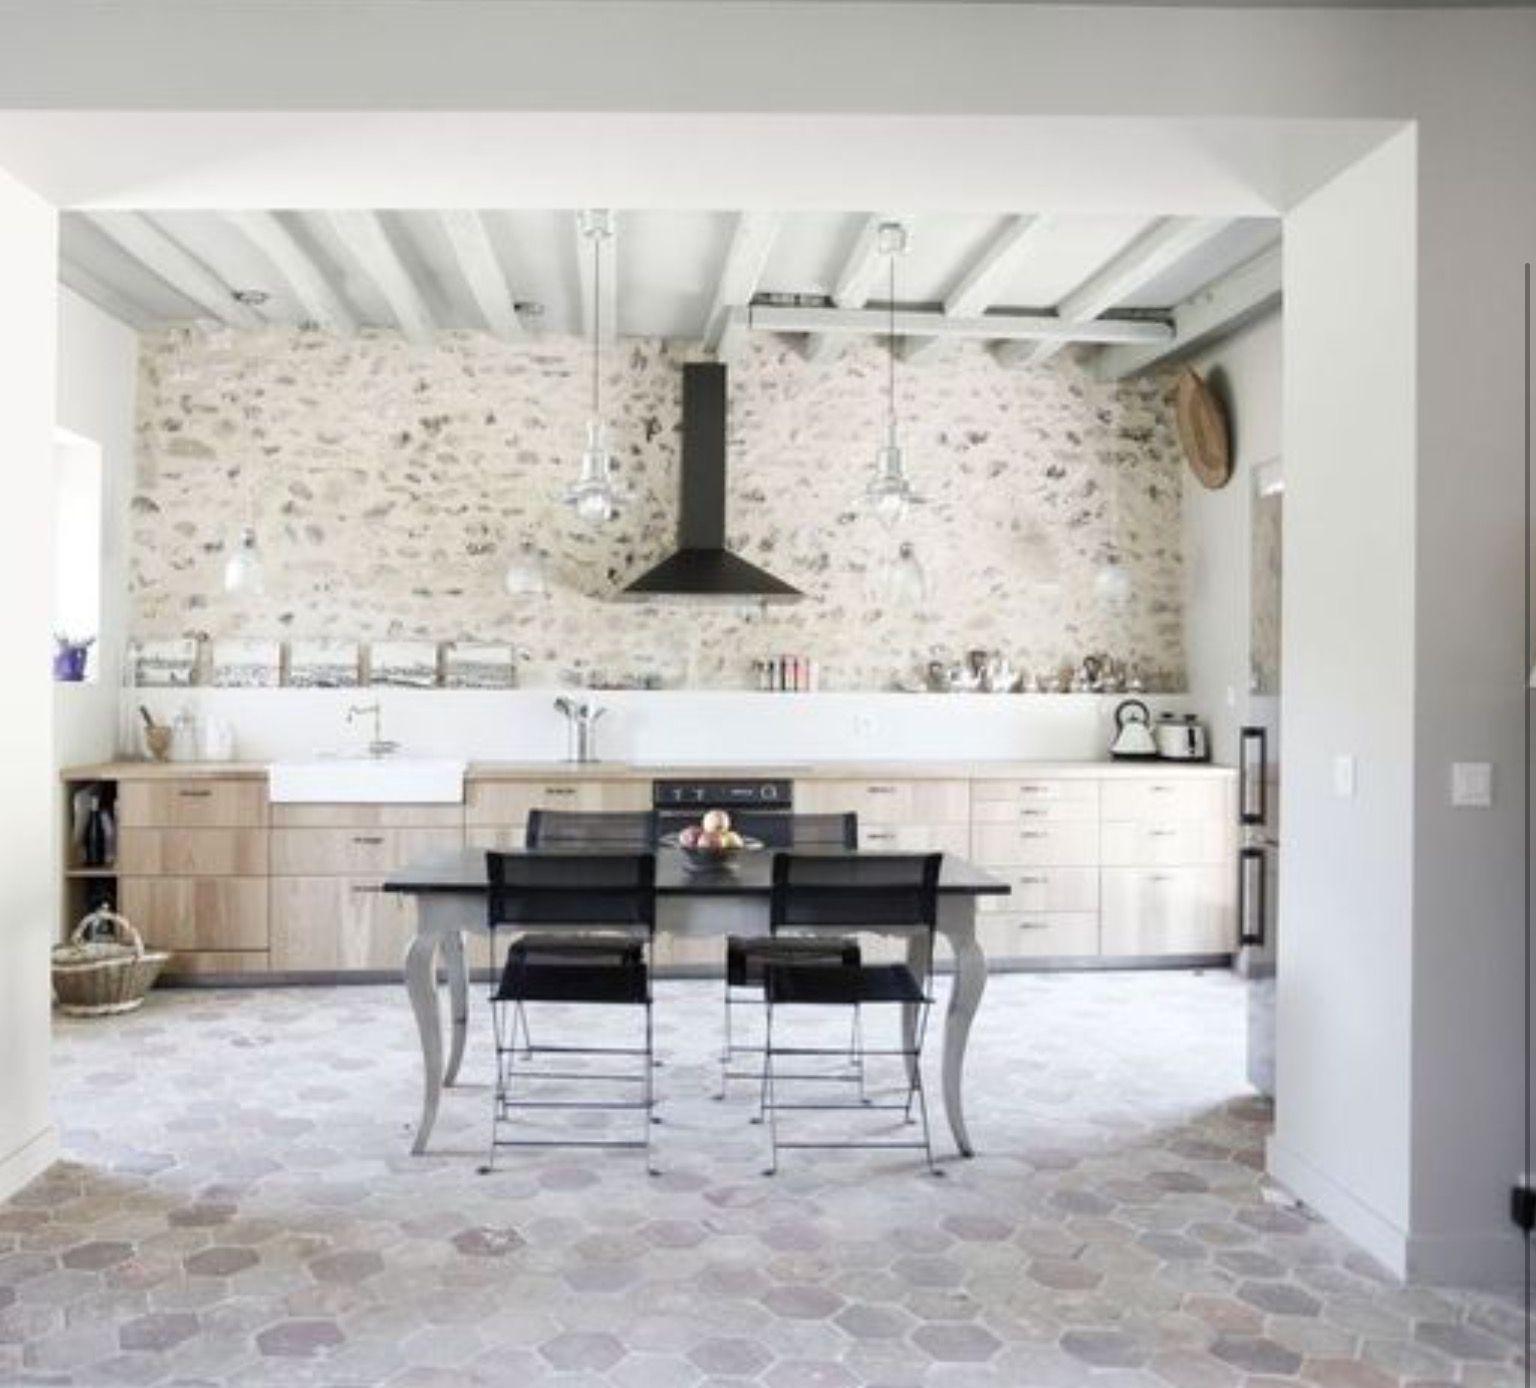 Mur En Pierre Rejointe Au Sable Jaune Meuble De Cuisine Ikea Renovation Vieille Maison Maison En Pierre Plafonds Poutres Apparentes